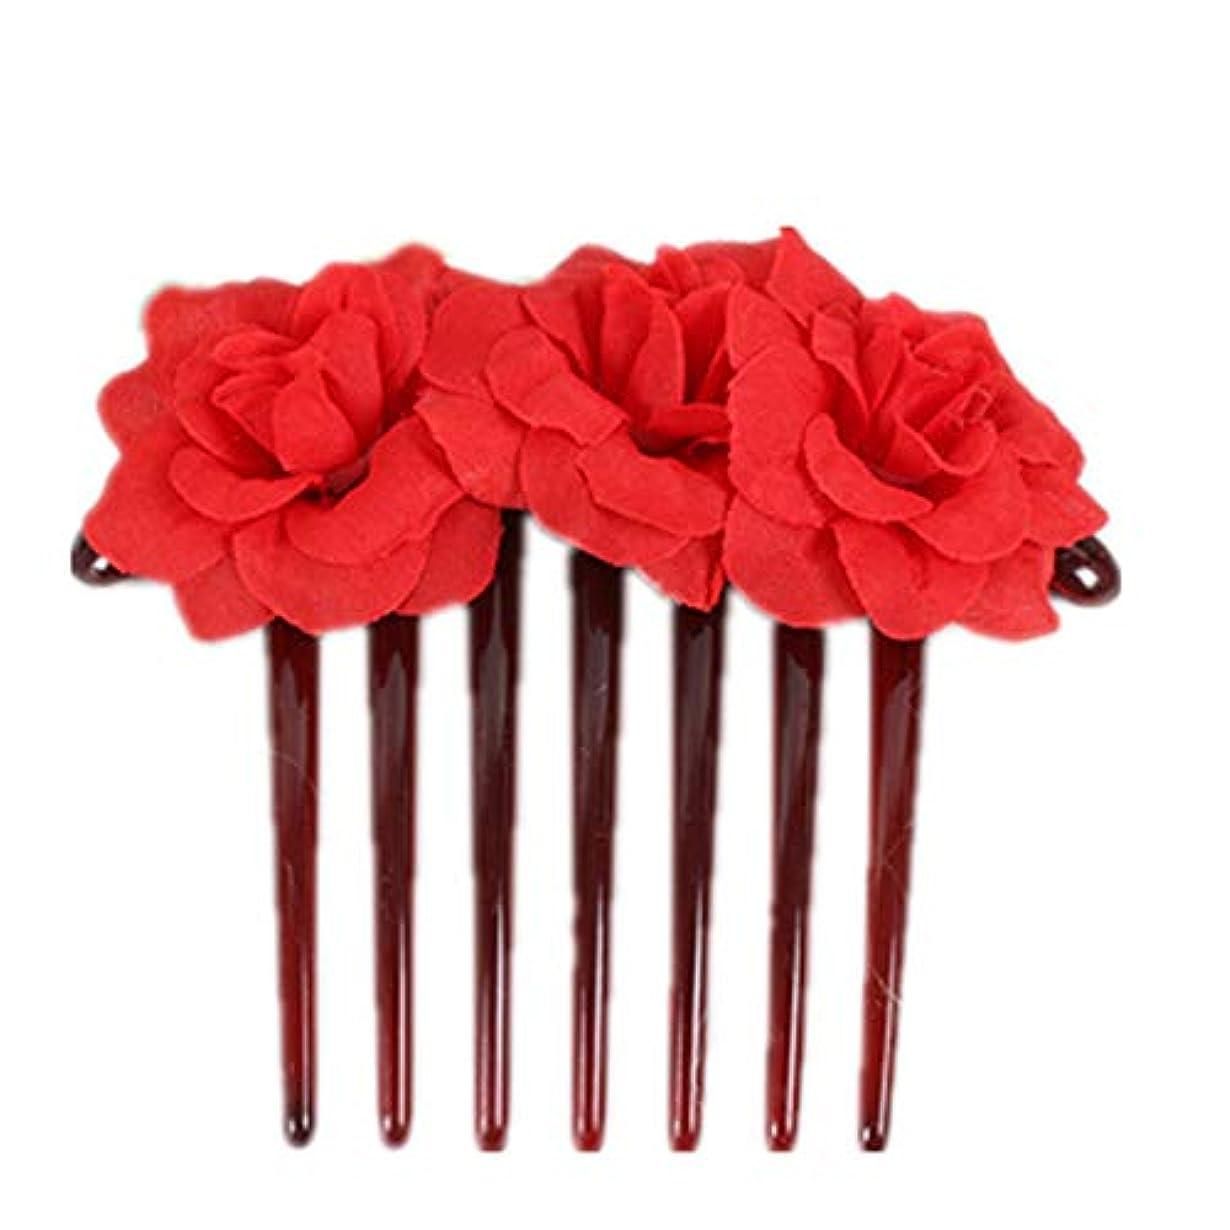 習慣風変わりなグリーンランド1st market プレミアム品質シミュレーション花花嫁の髪櫛頭飾りヘアピンクリップ櫛スタイリングアクセサリー、赤